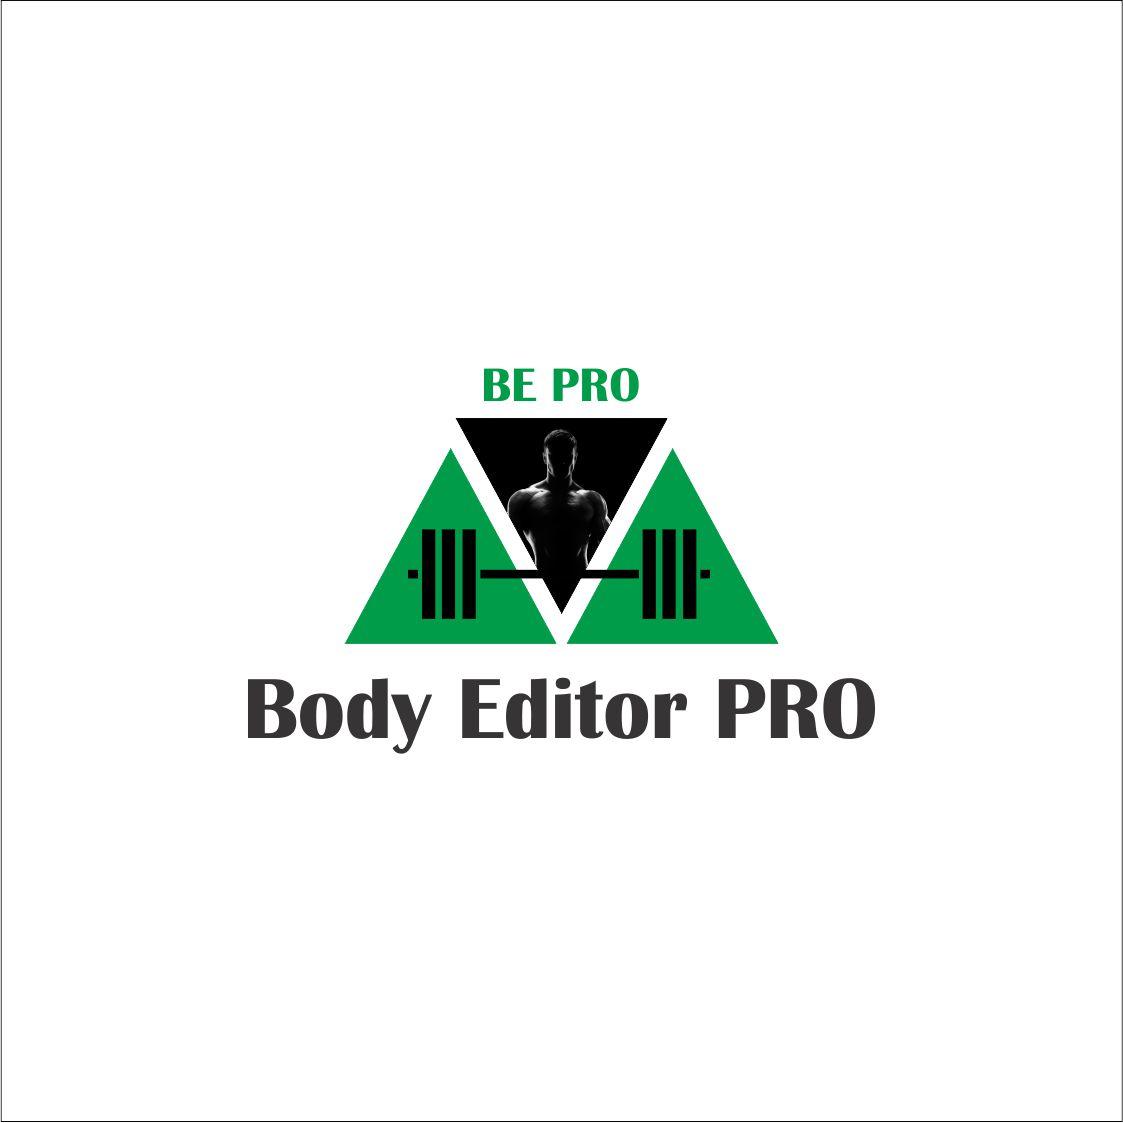 Лого+символ для марки Спортивного питания фото f_8825971f0113aa07.jpg